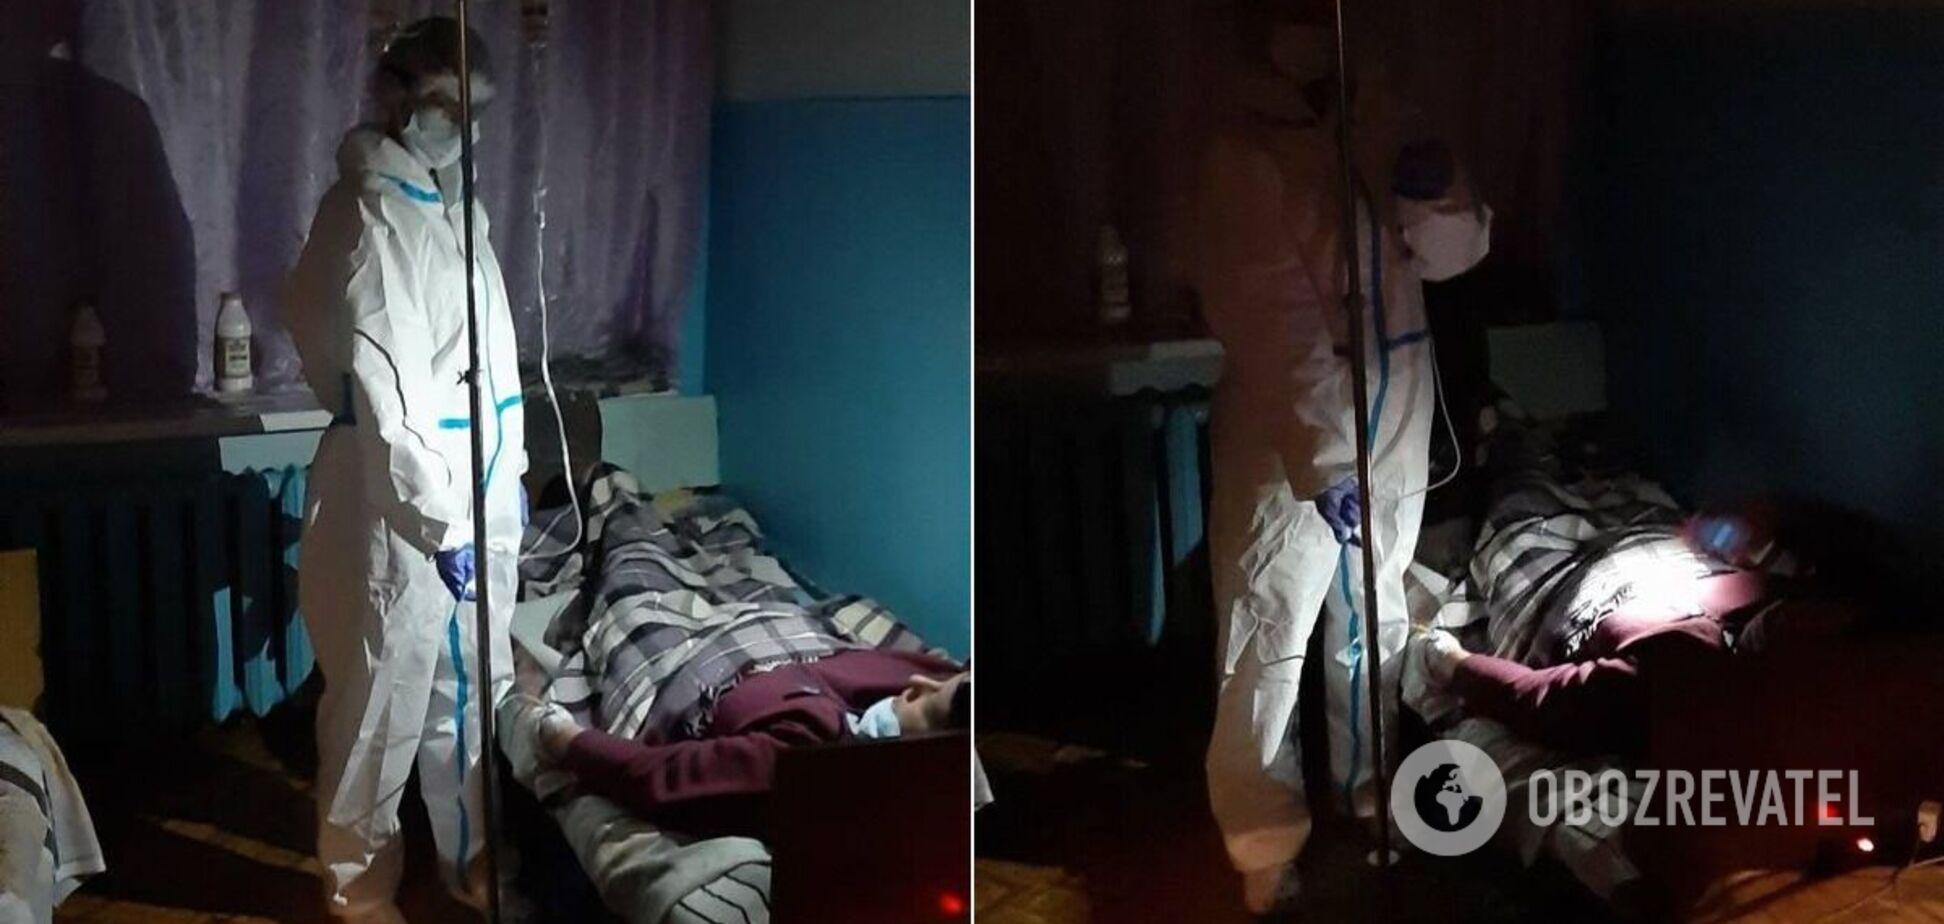 Без света и канализации: в сети показали кадры из 'коронавирусной' больницы под Днепром